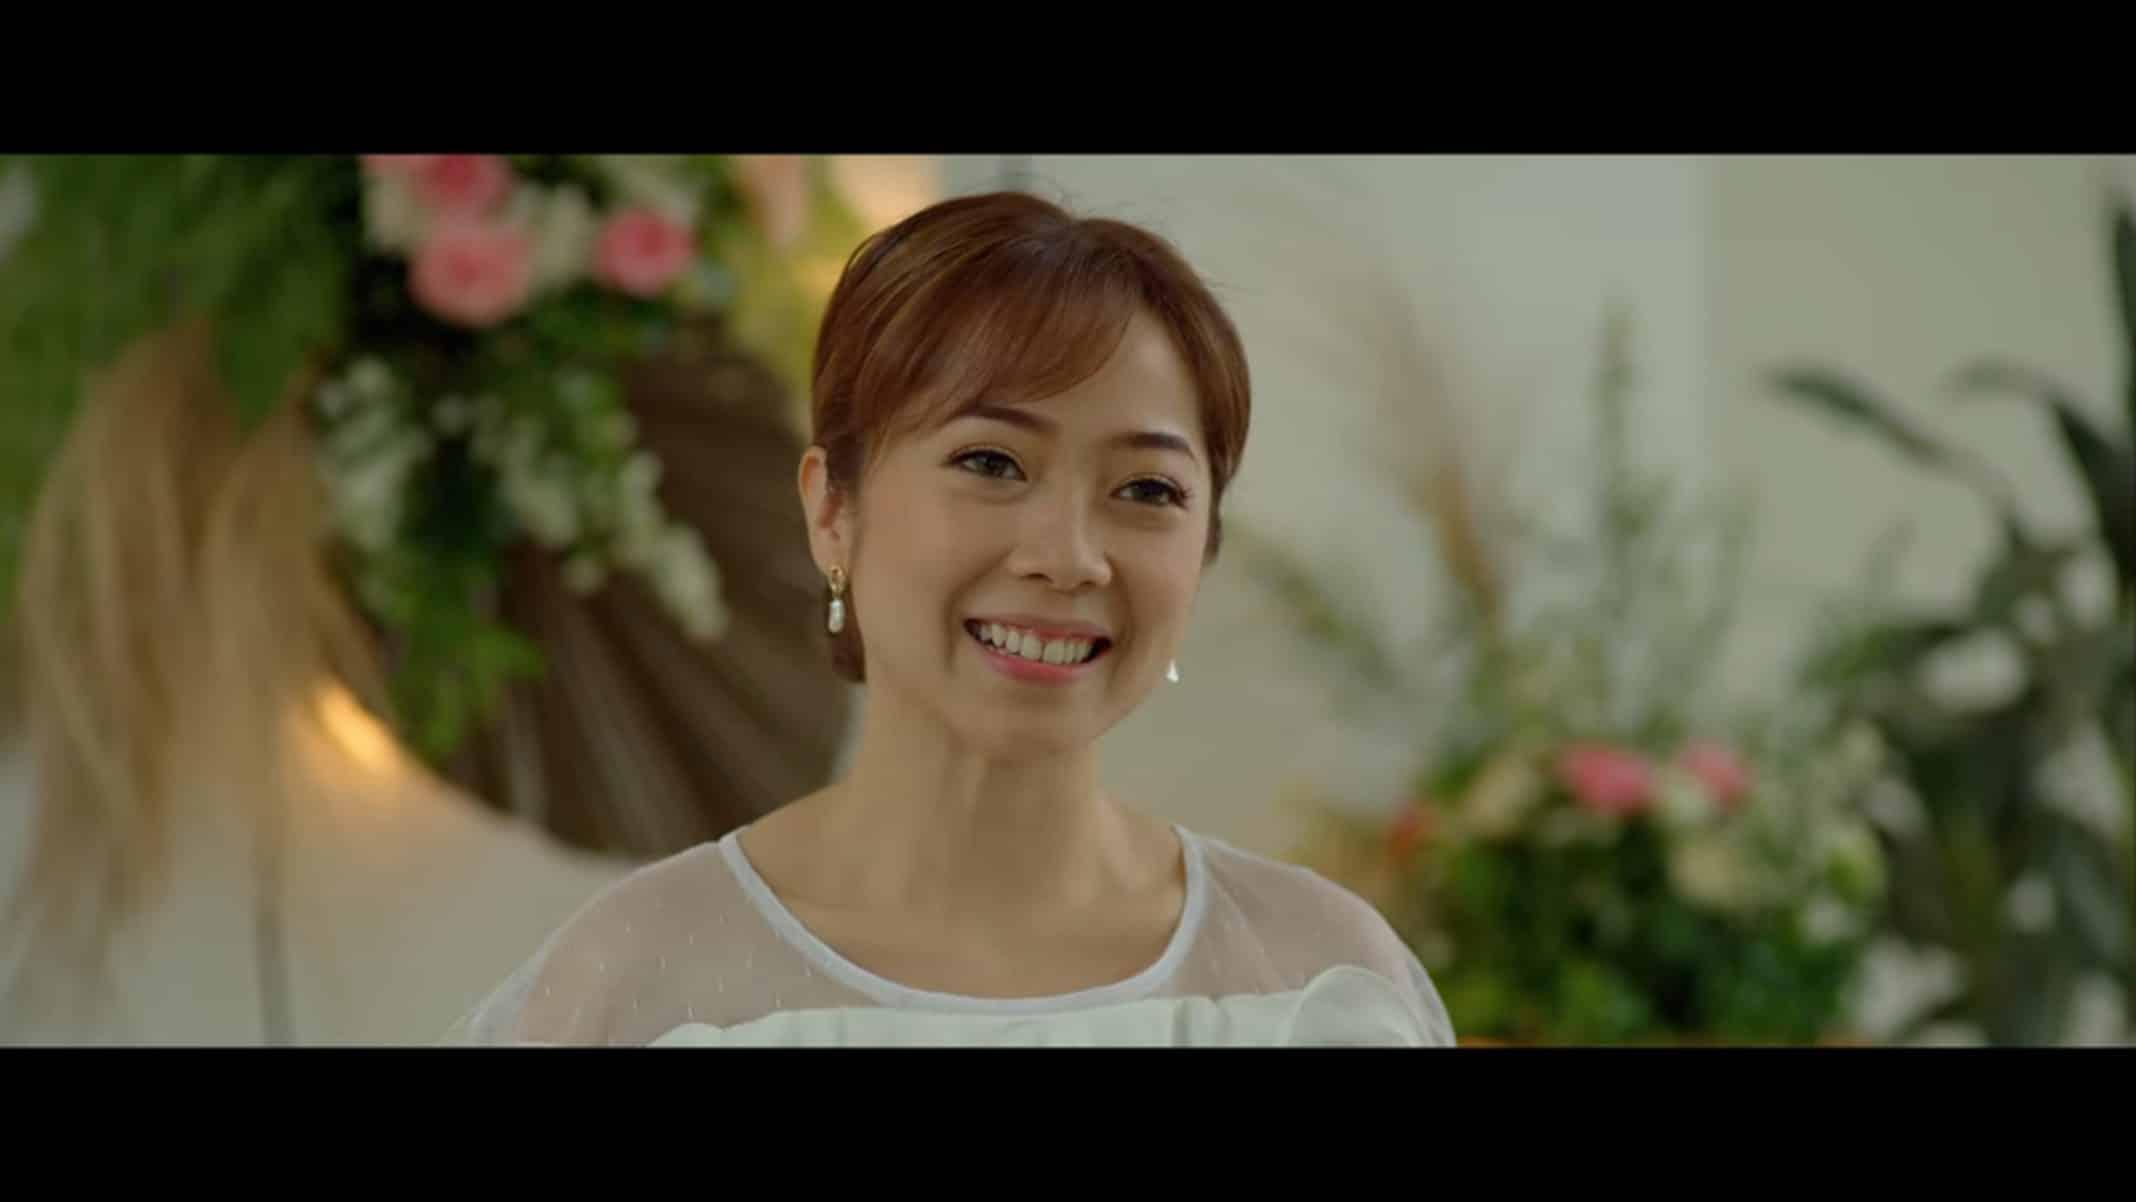 Julia (Jarina Salim) in a white dress.